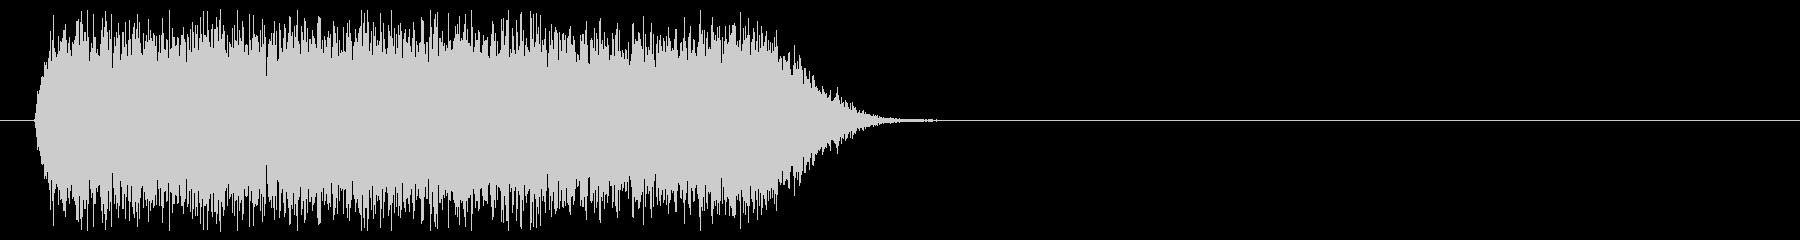 「ヴァ゙ァ゙ァ゙ー」モンスター叫び声/9の未再生の波形